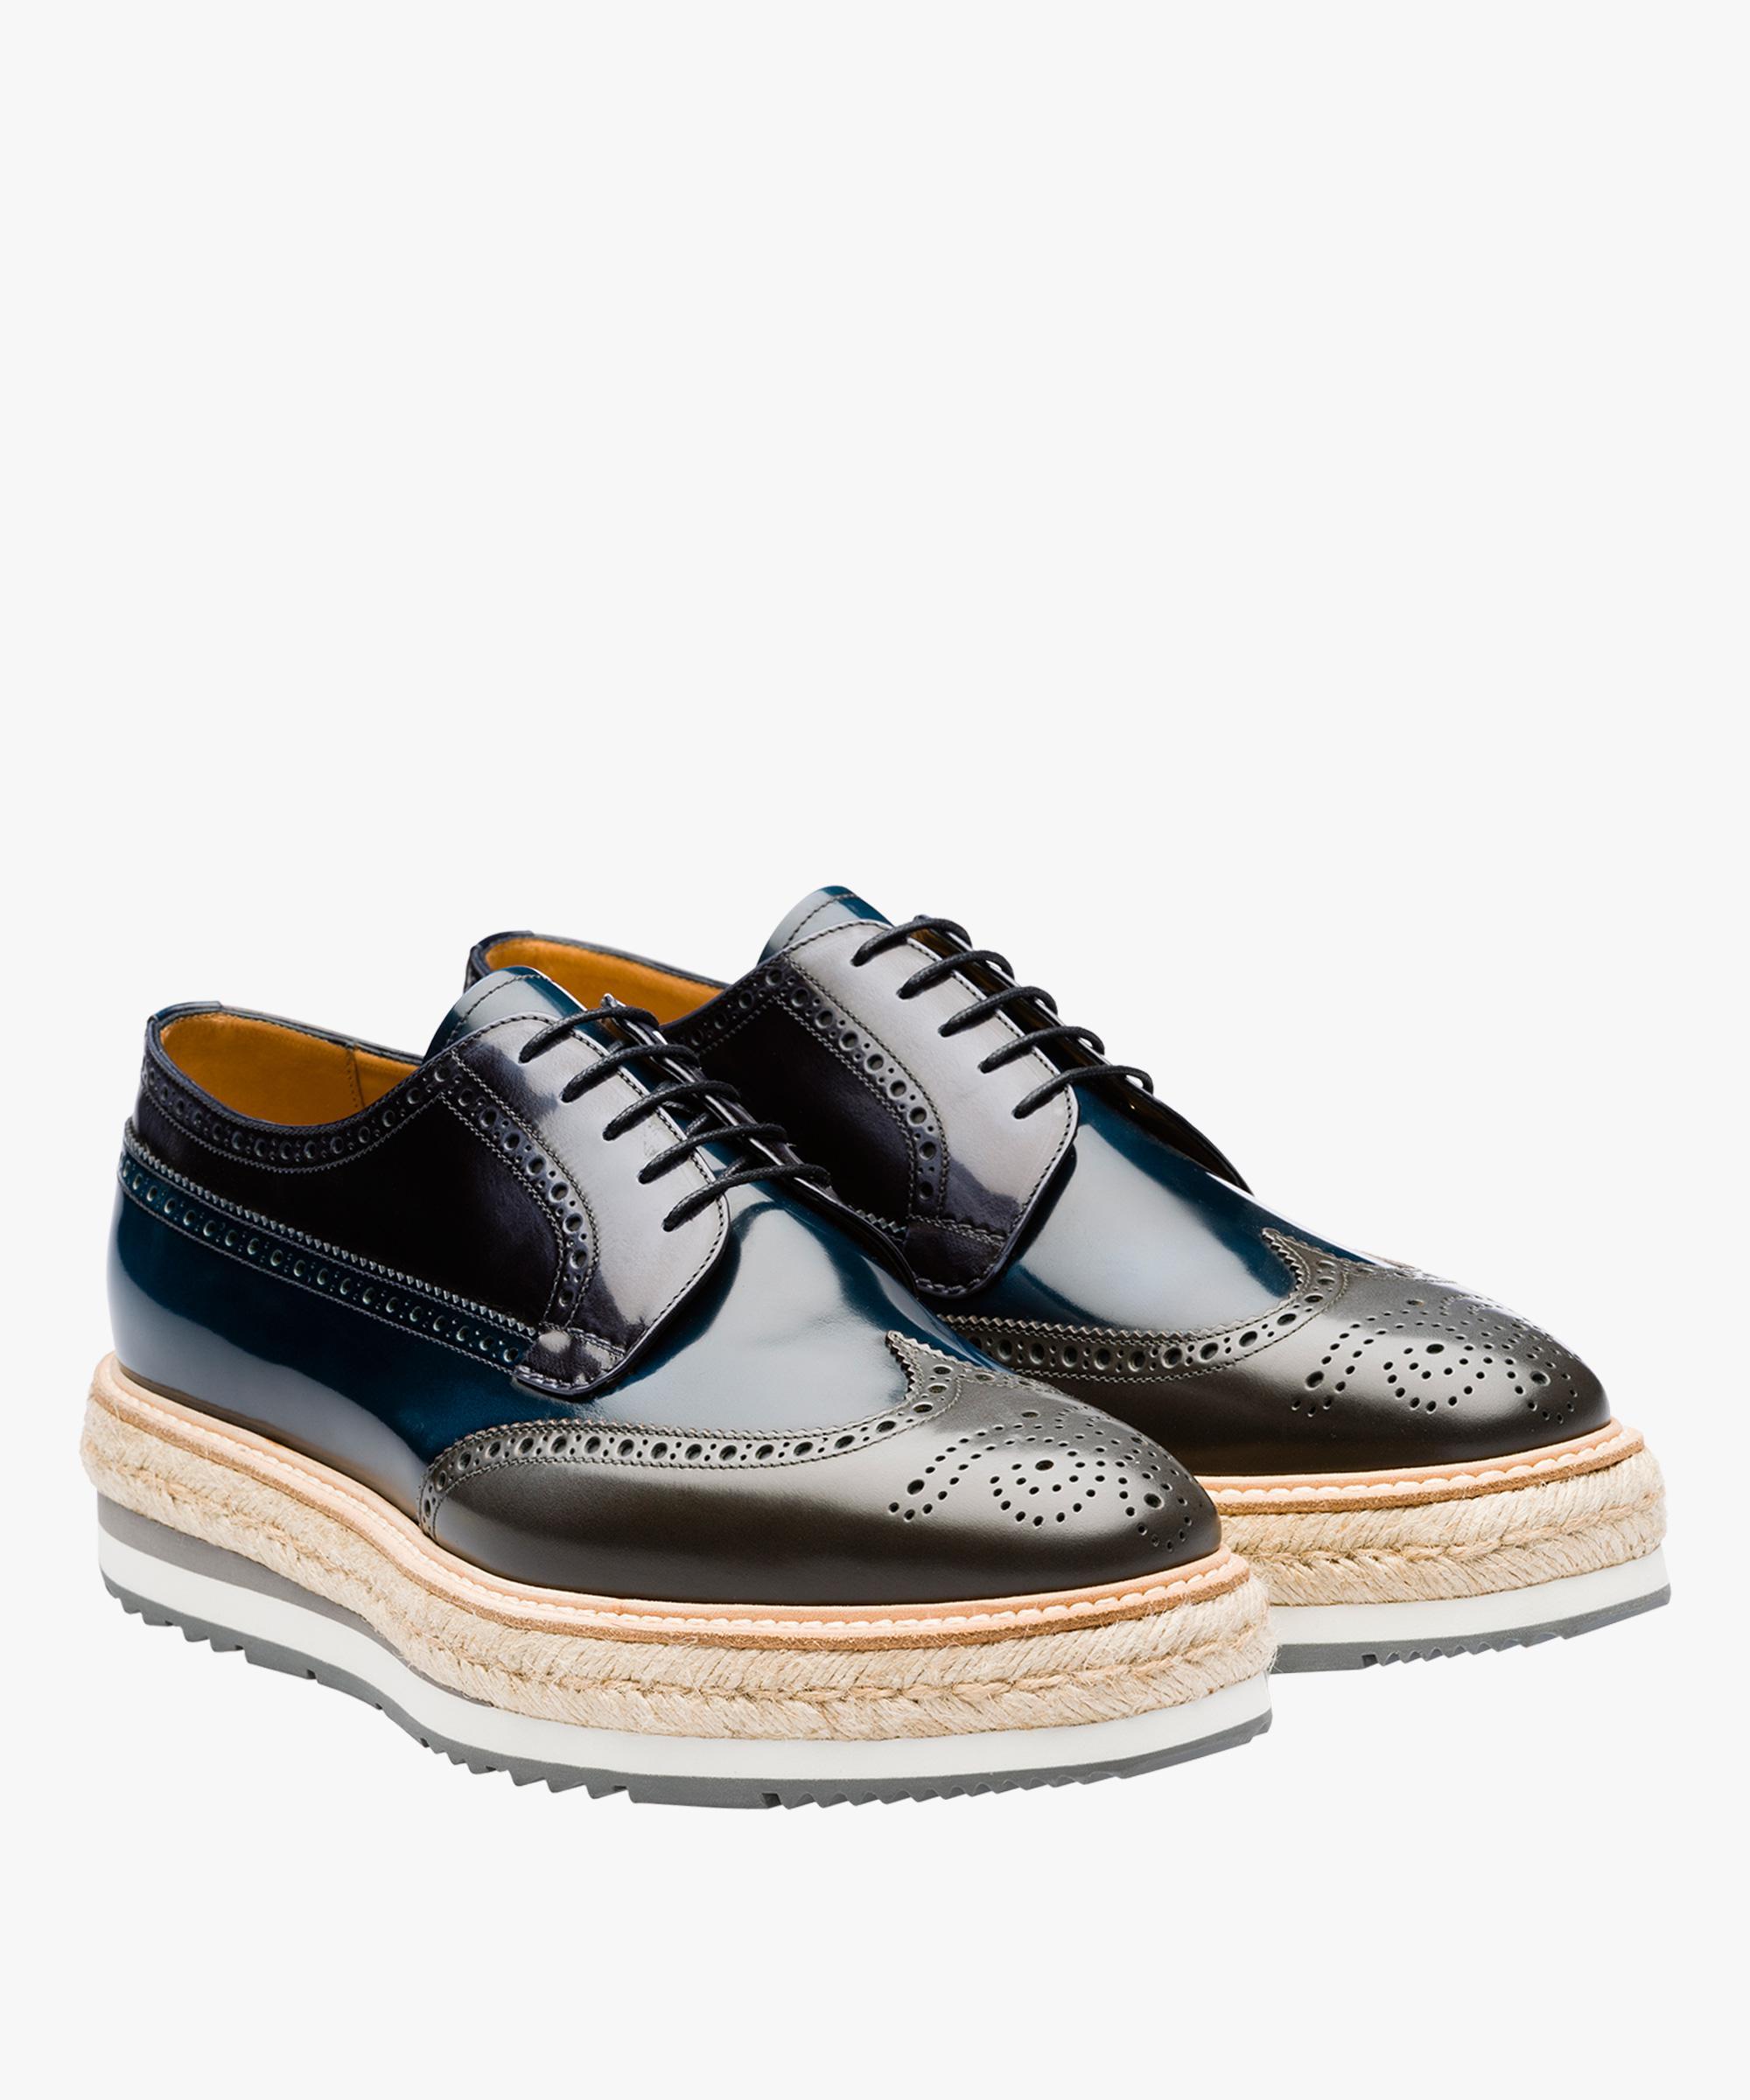 5ab1b4afa73 Lyst - Prada Leather Platform Derby Shoes in Blue for Men